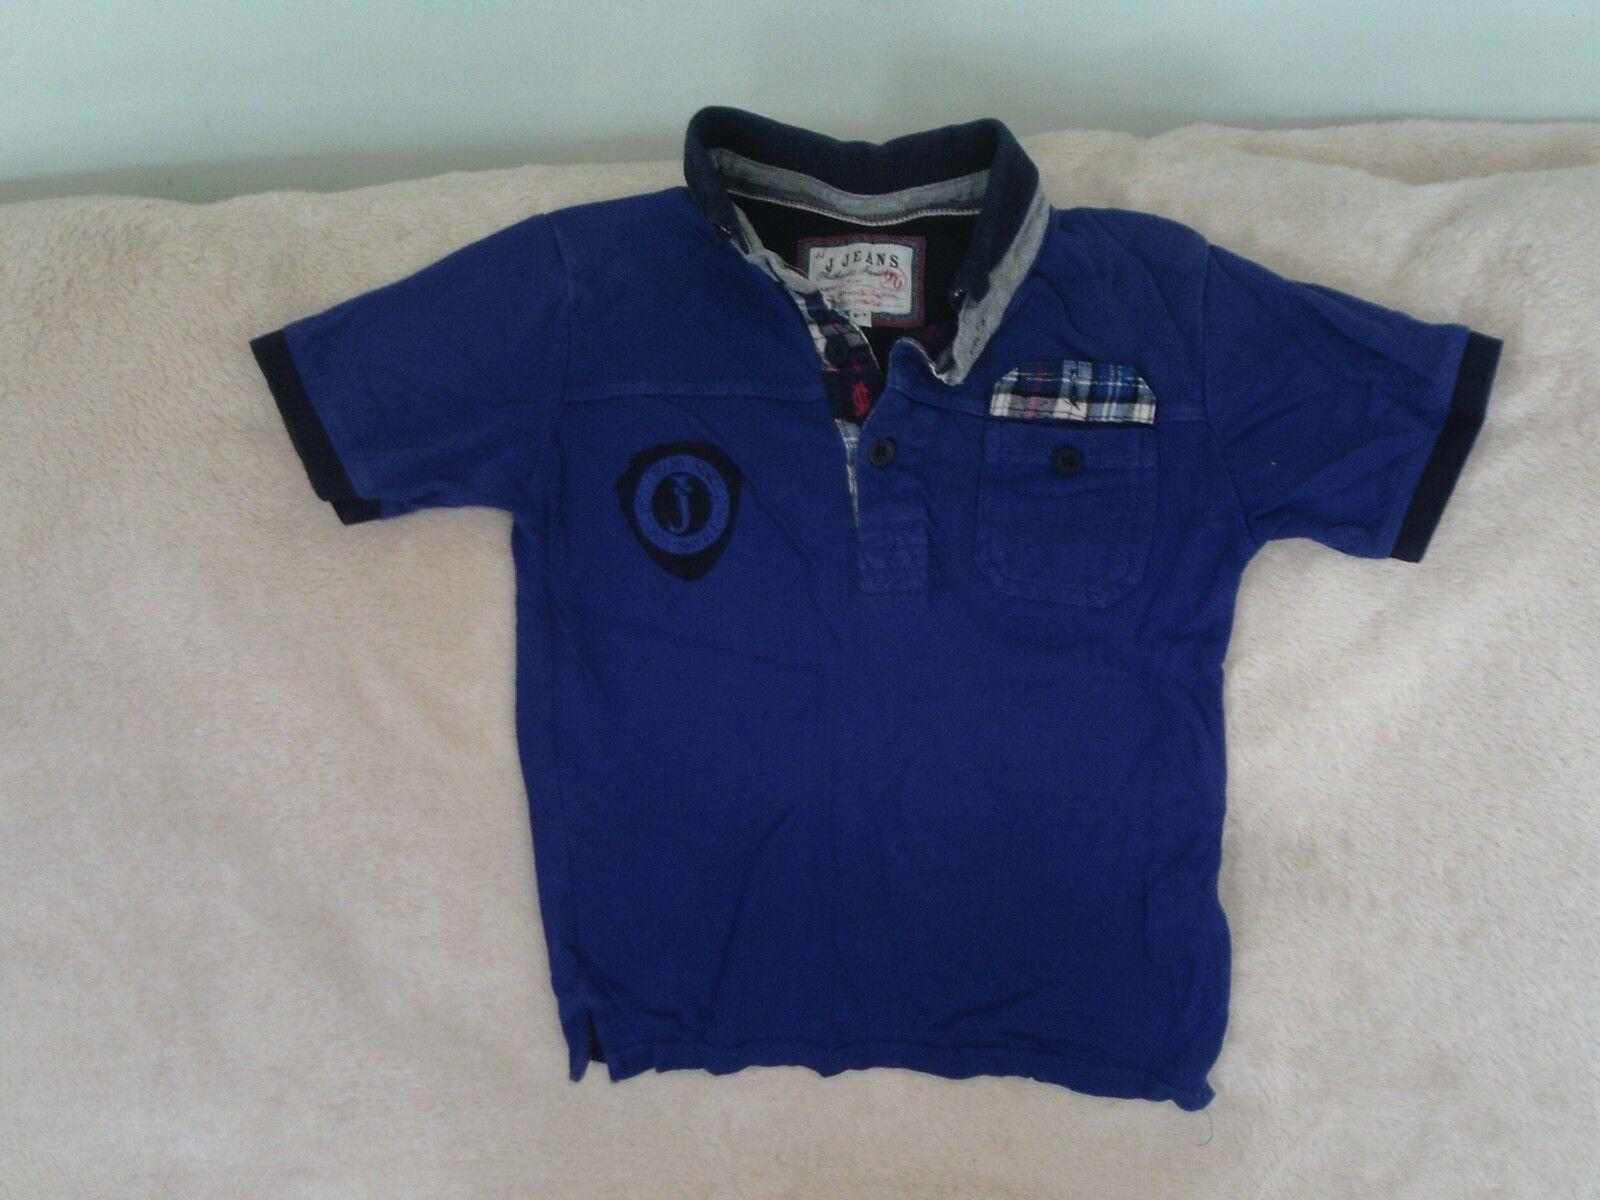 Garçons 6-7 Logo-J ans-bleu à Femmeches courtes Polo Haut Avec Logo-J 6-7 Jeans Debenhams a3a061